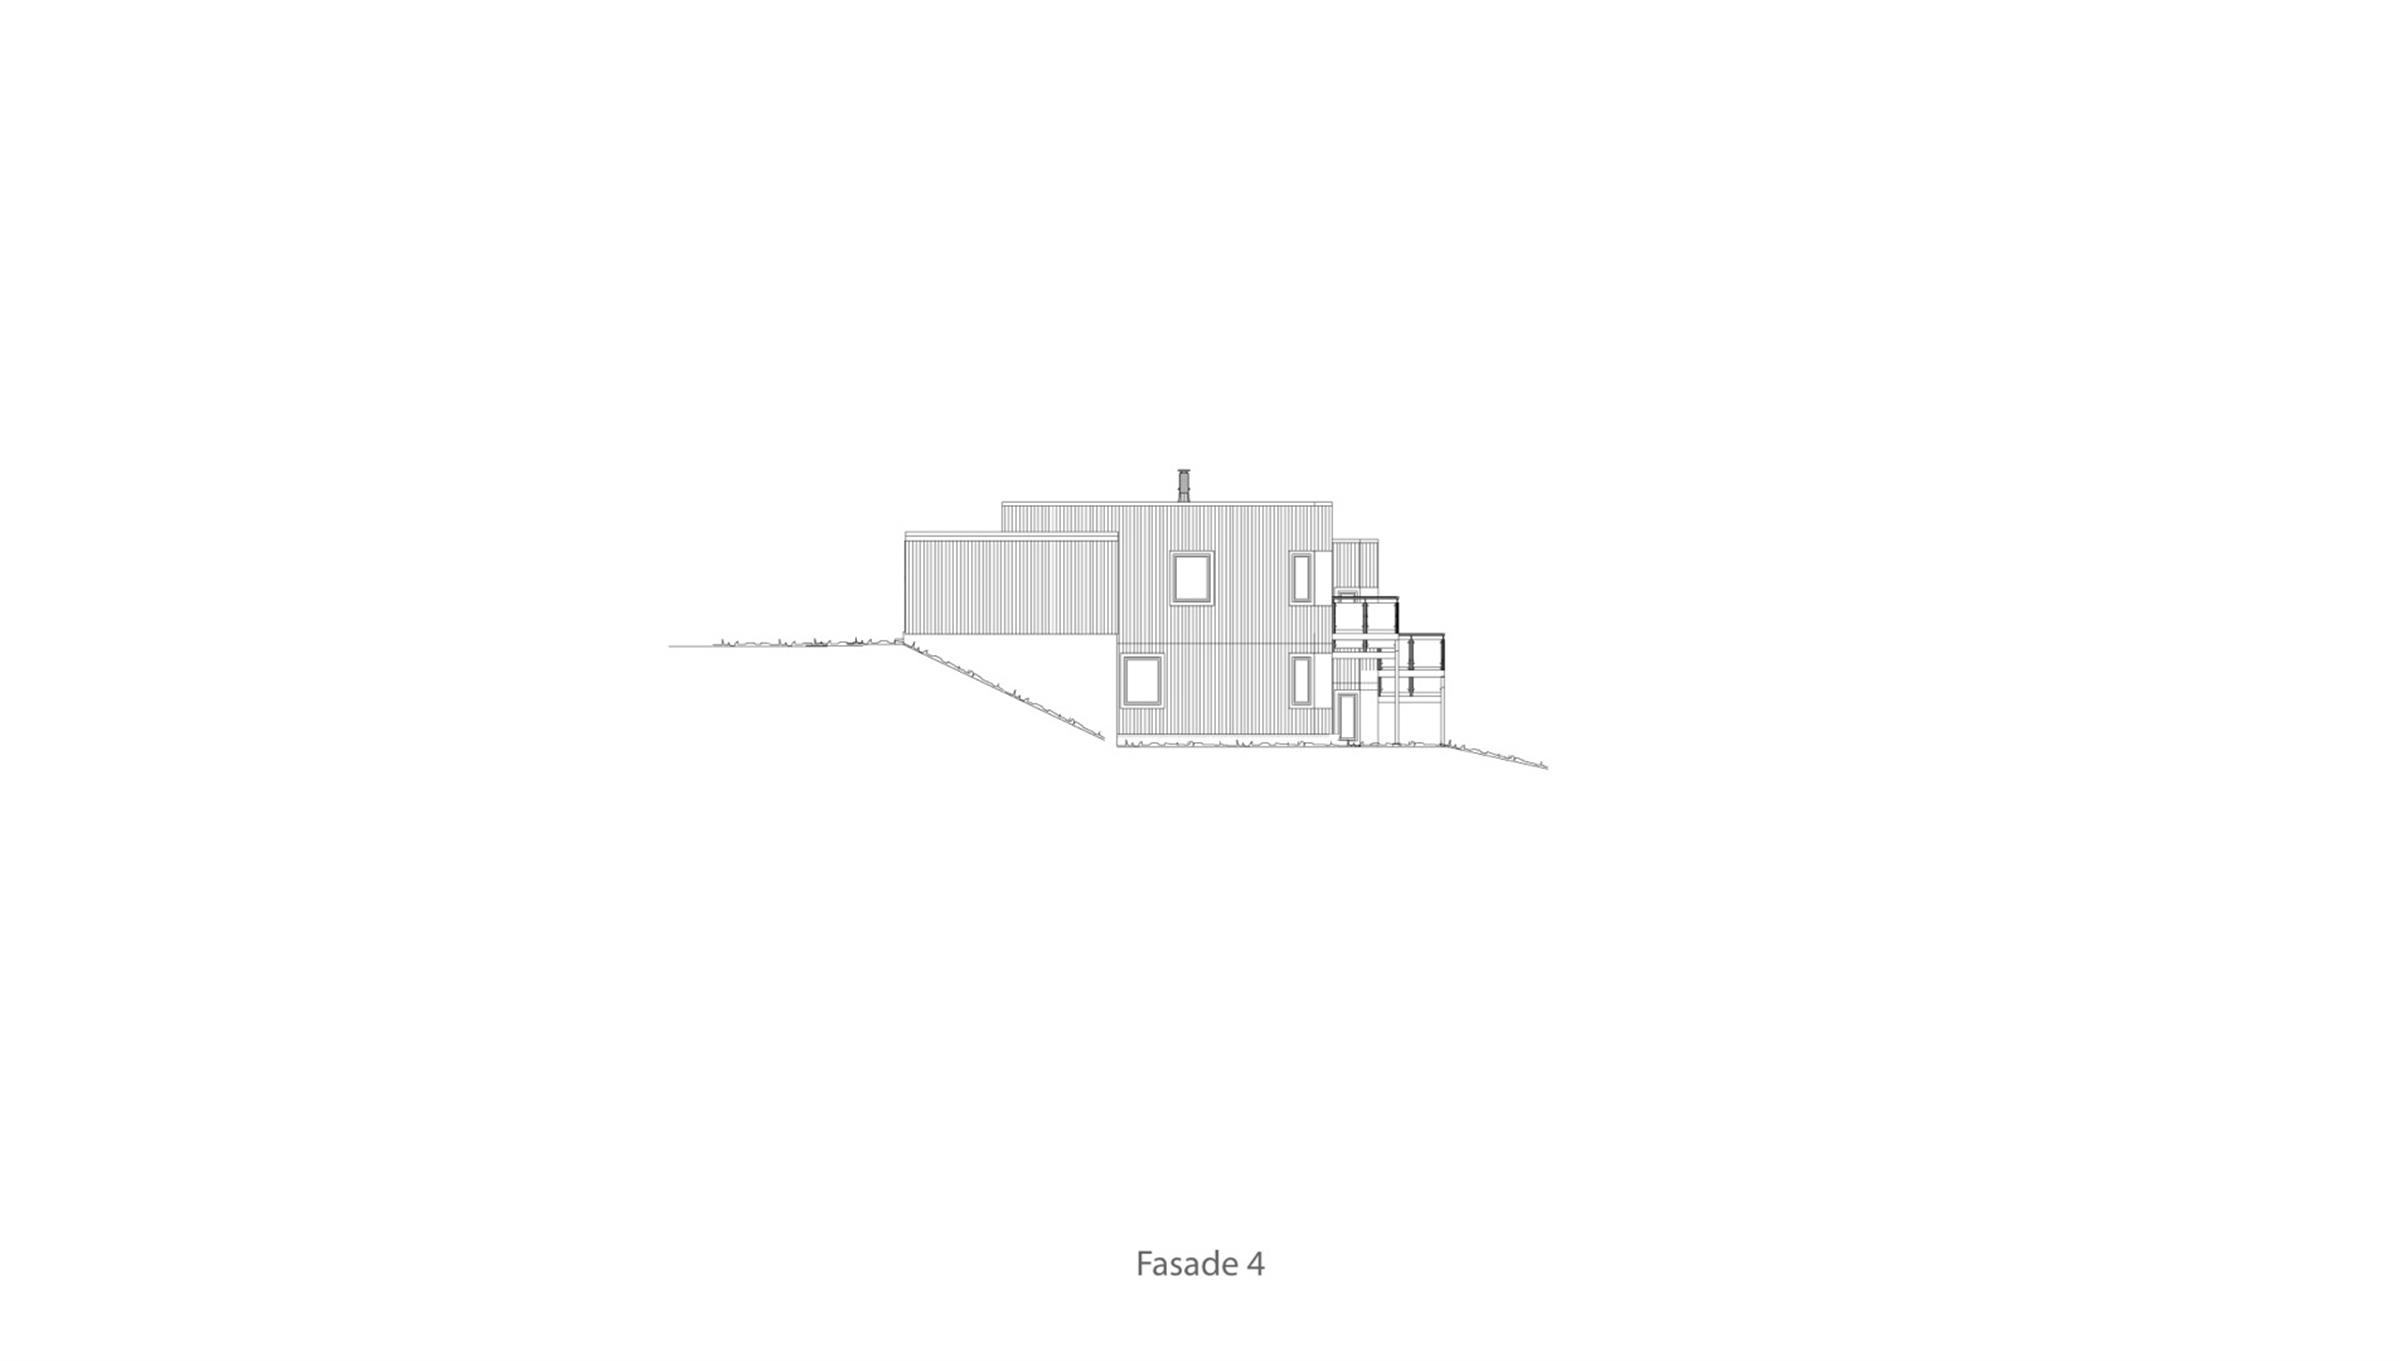 Finnsnes fasade 4